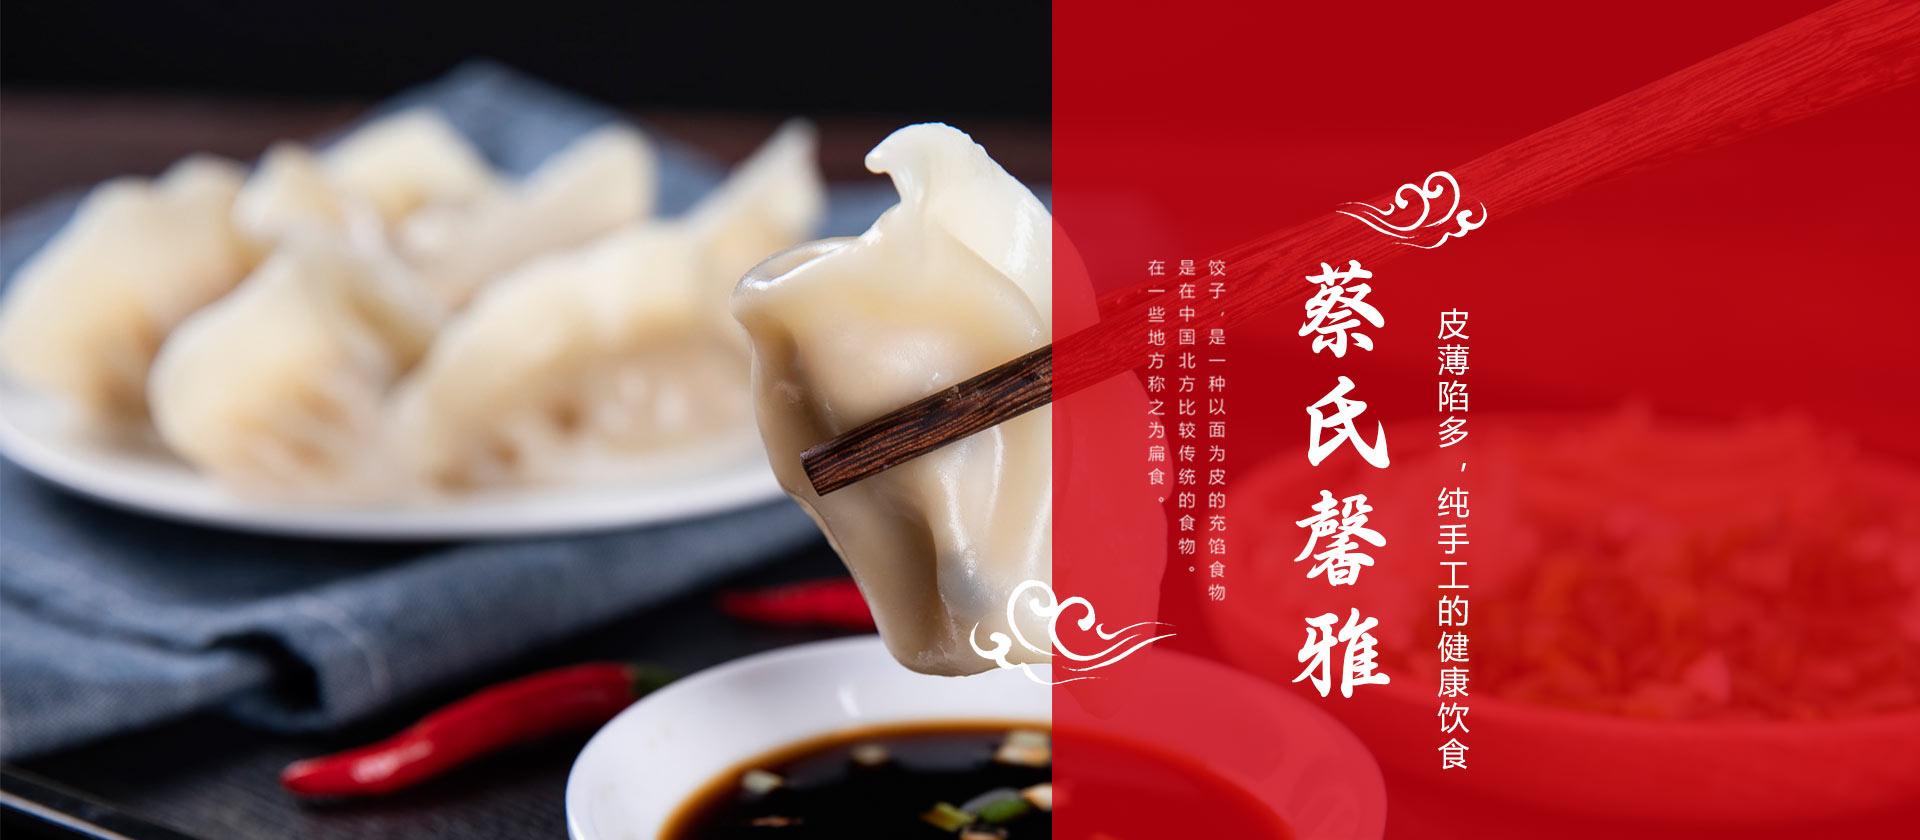 青州市顺泰餐饮管理有限公司